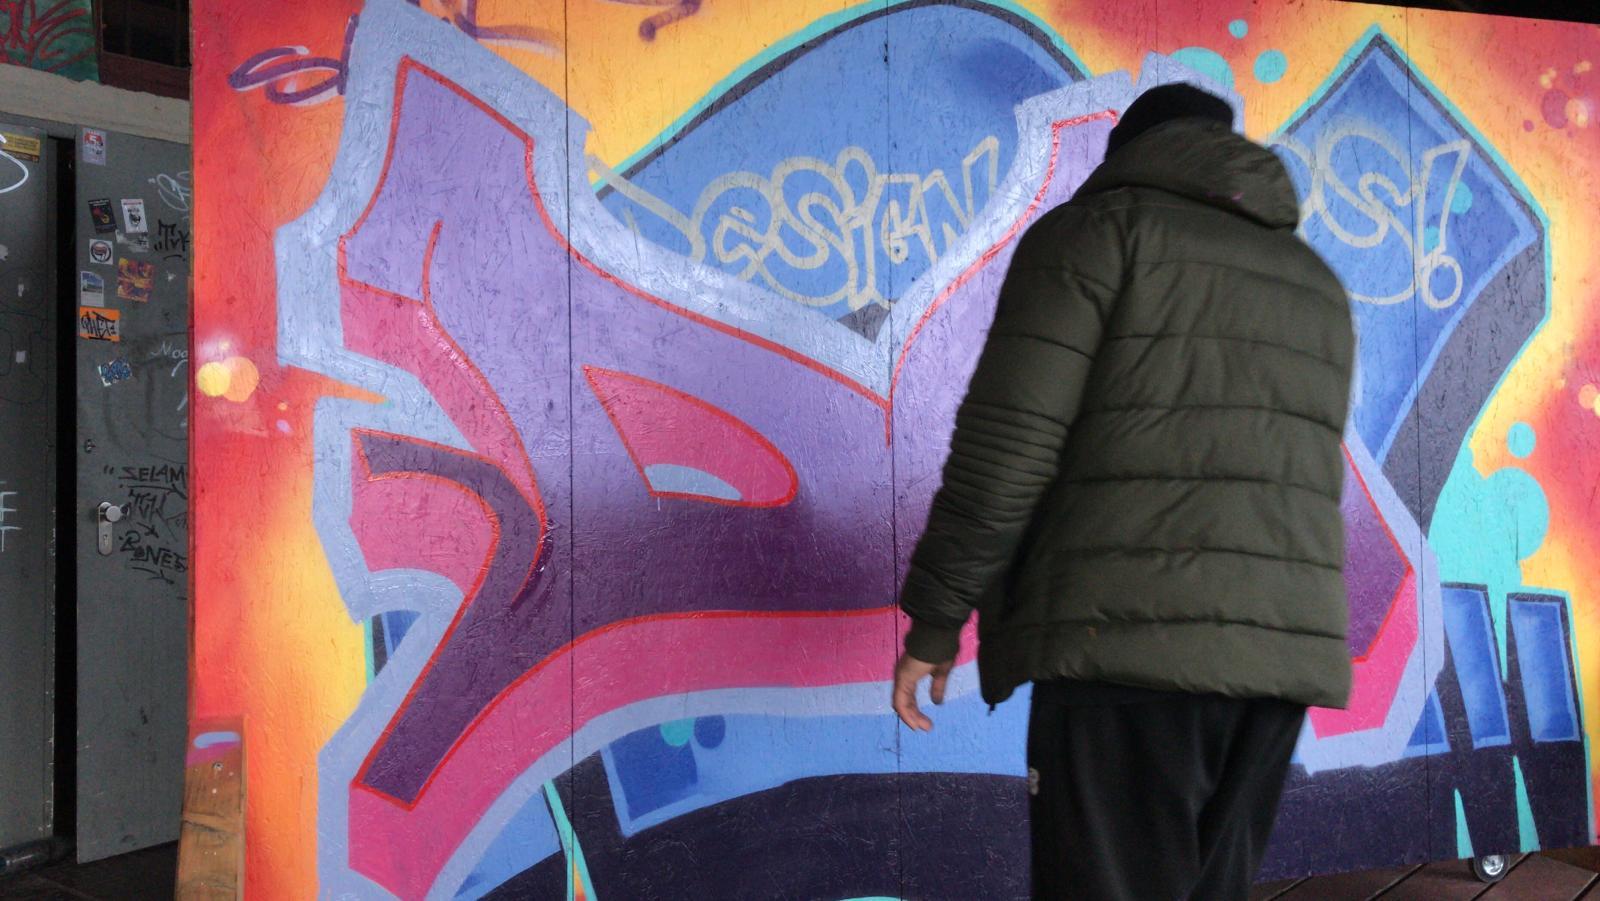 Eine Person steht vor einer Wand. Auf der Wand ist ein buntes Graffiti gesprüht.